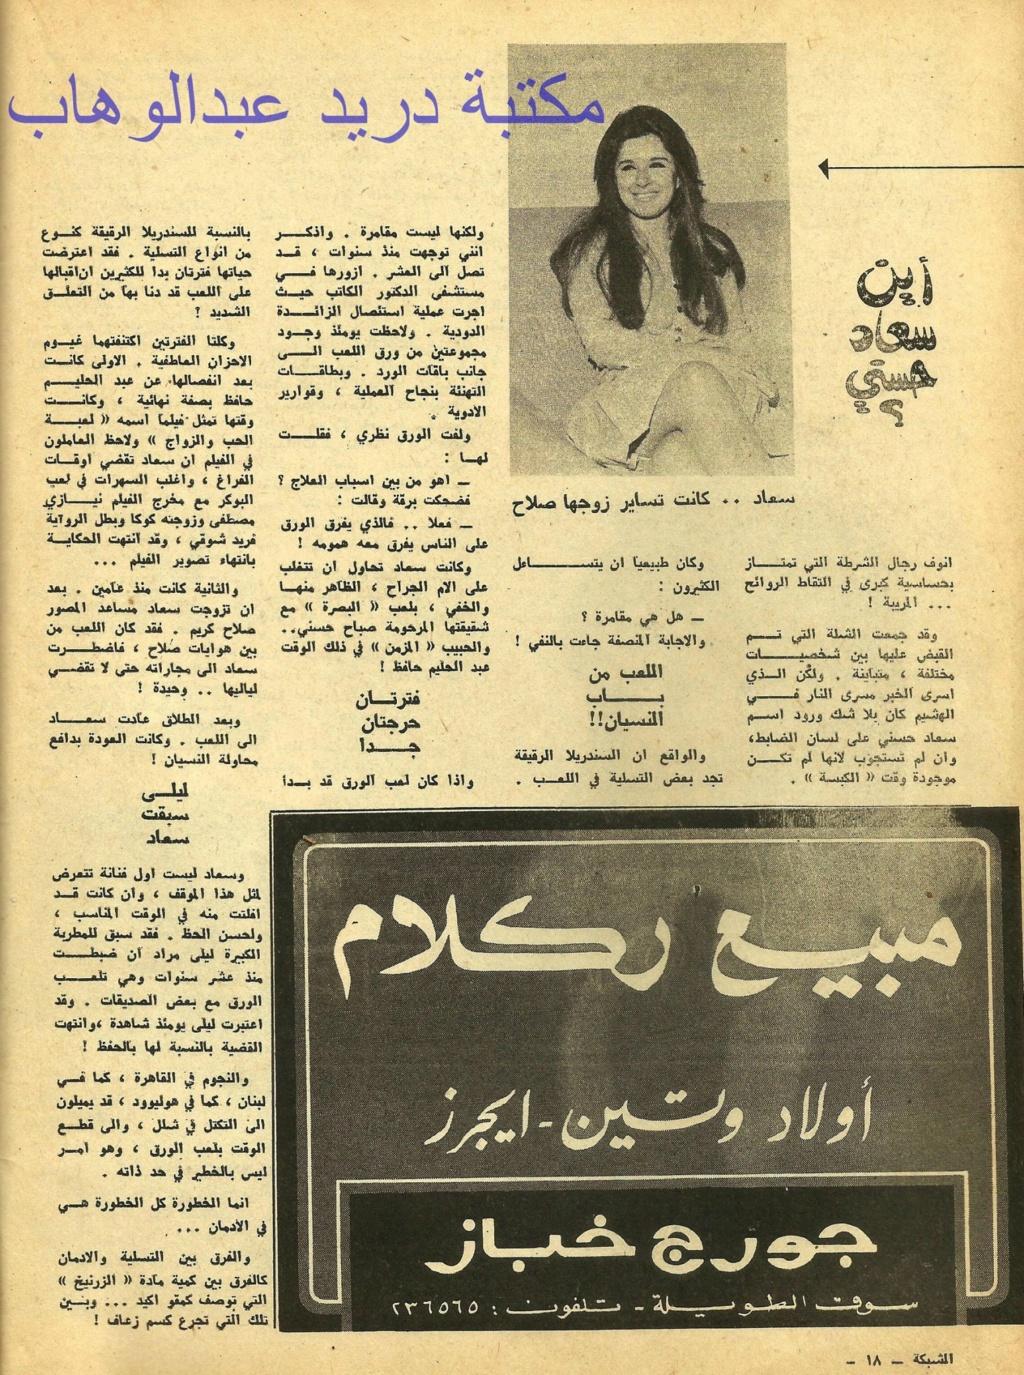 مقال صحفي : اندفع ضابط مكافحة القمار داخل الشقة .. وصاح : أين سعاد حسني ؟ 1969 م 3125